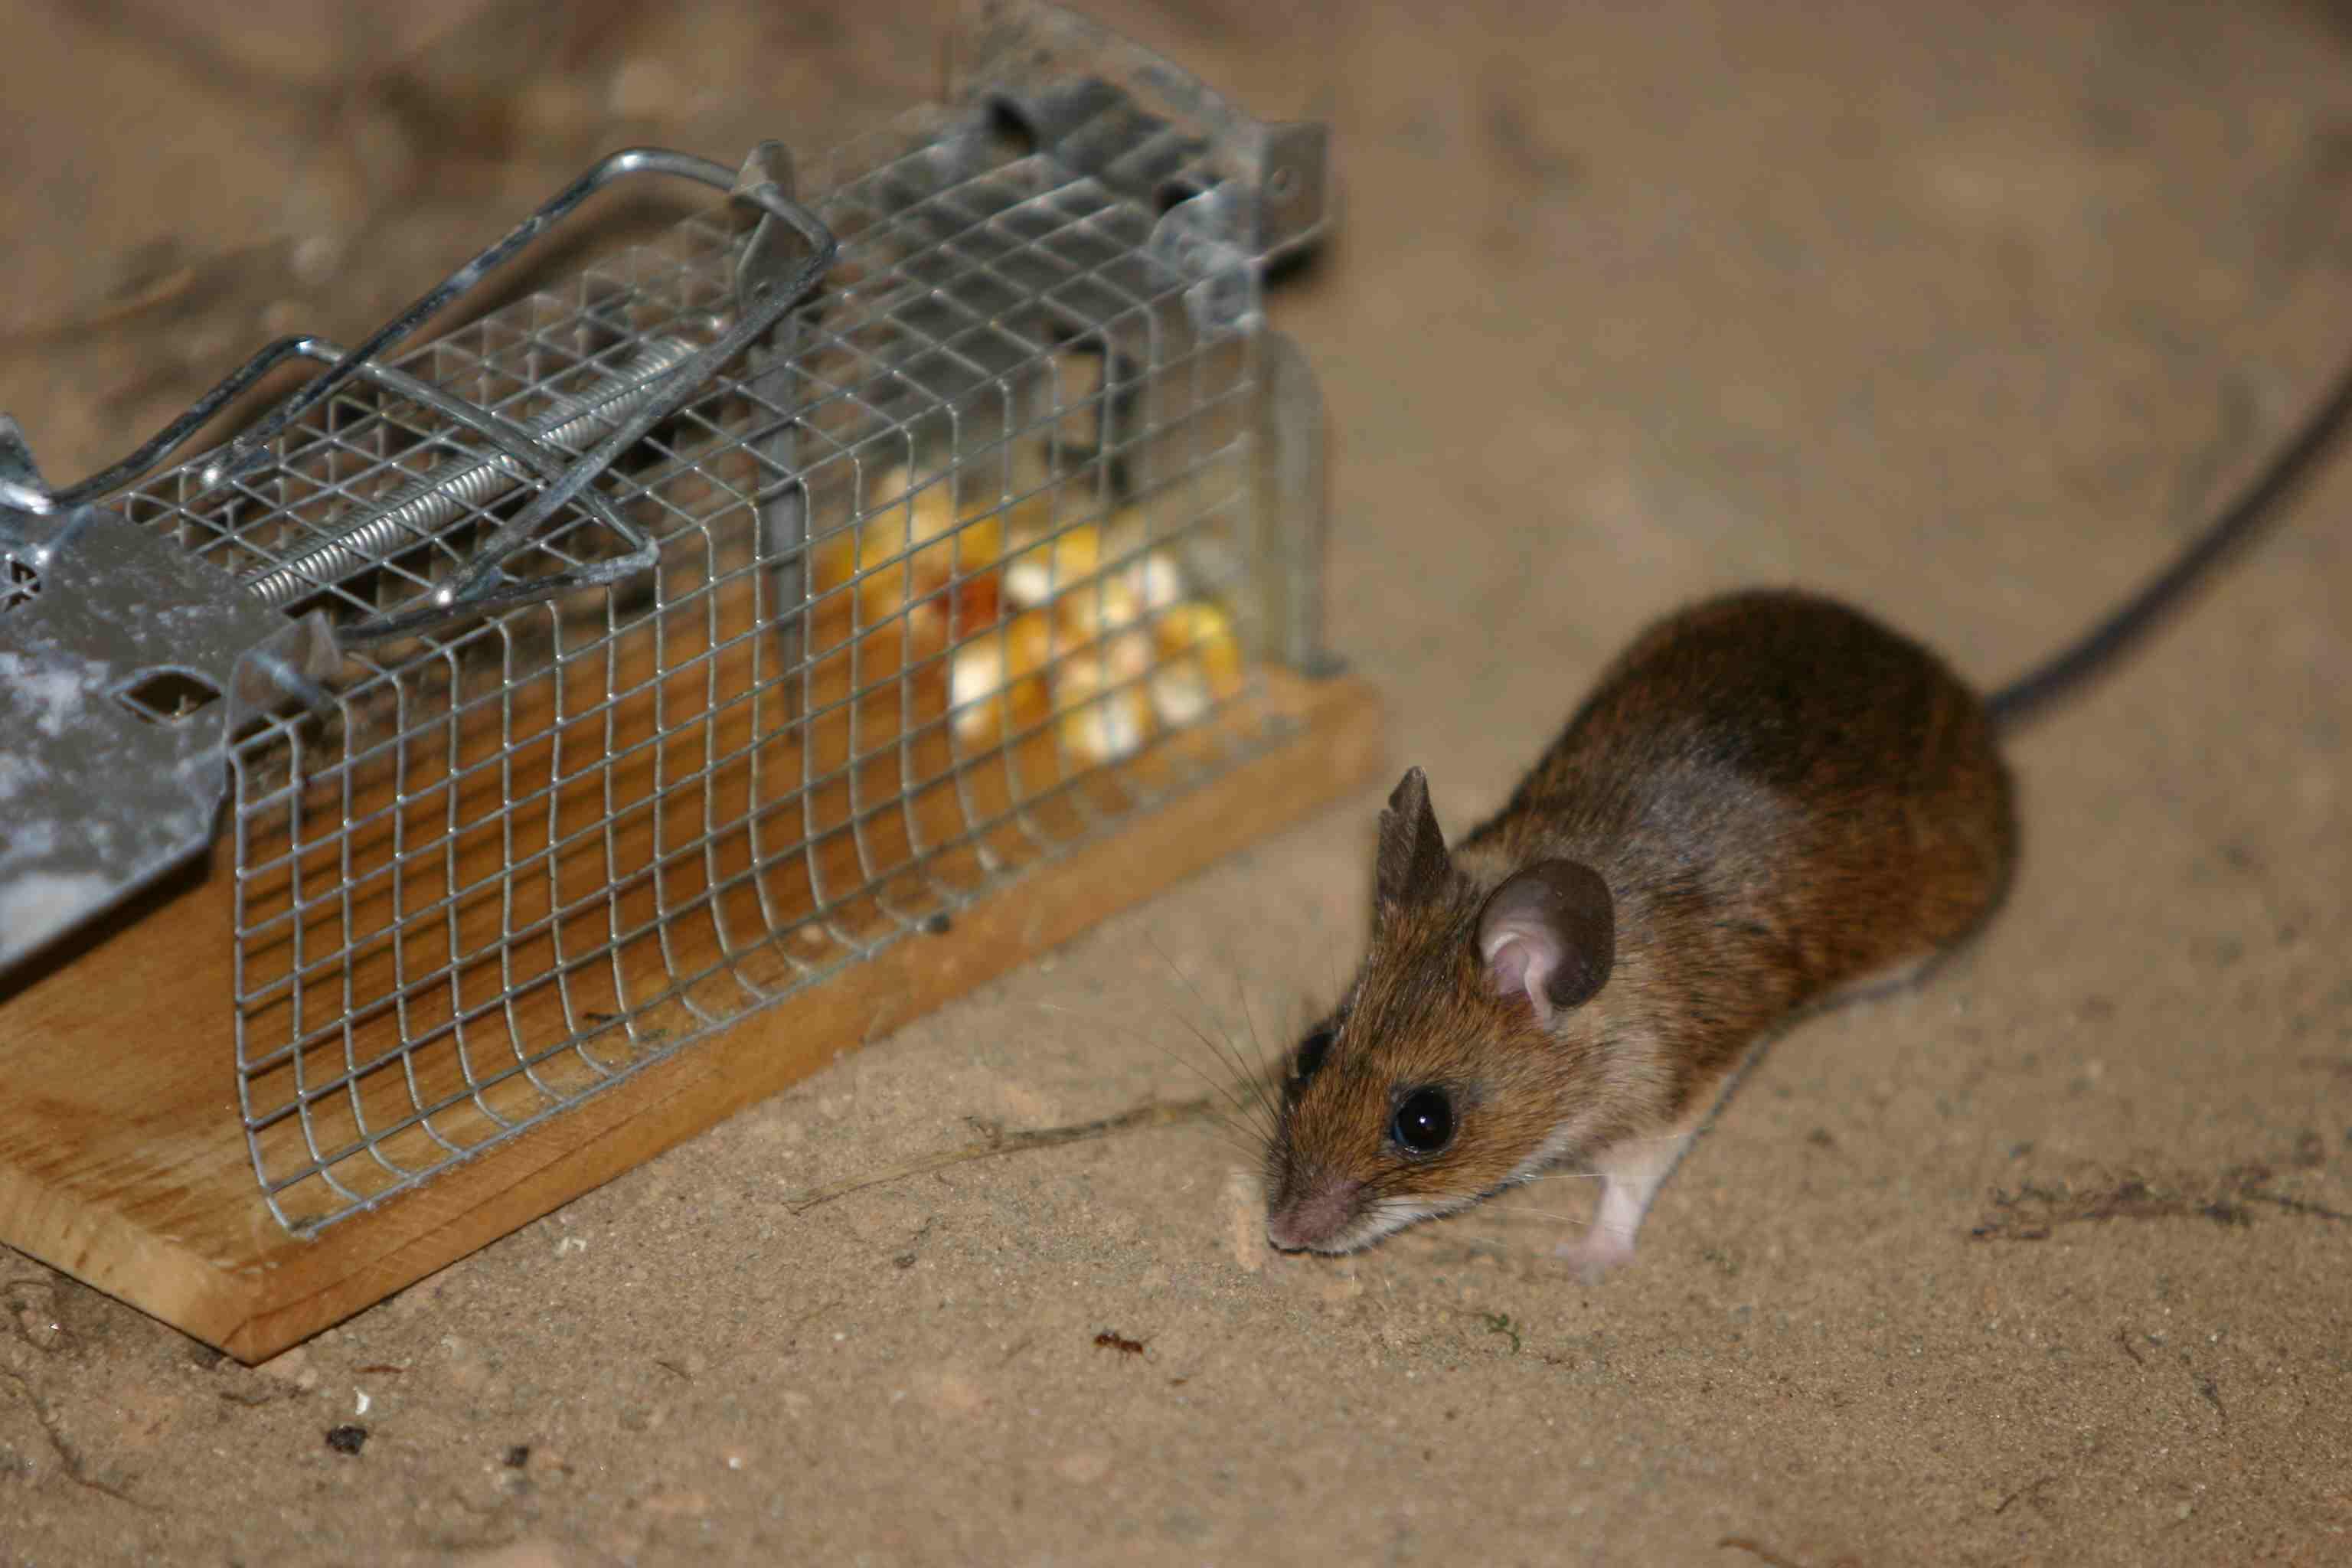 Mäuschen pass auf dich auf